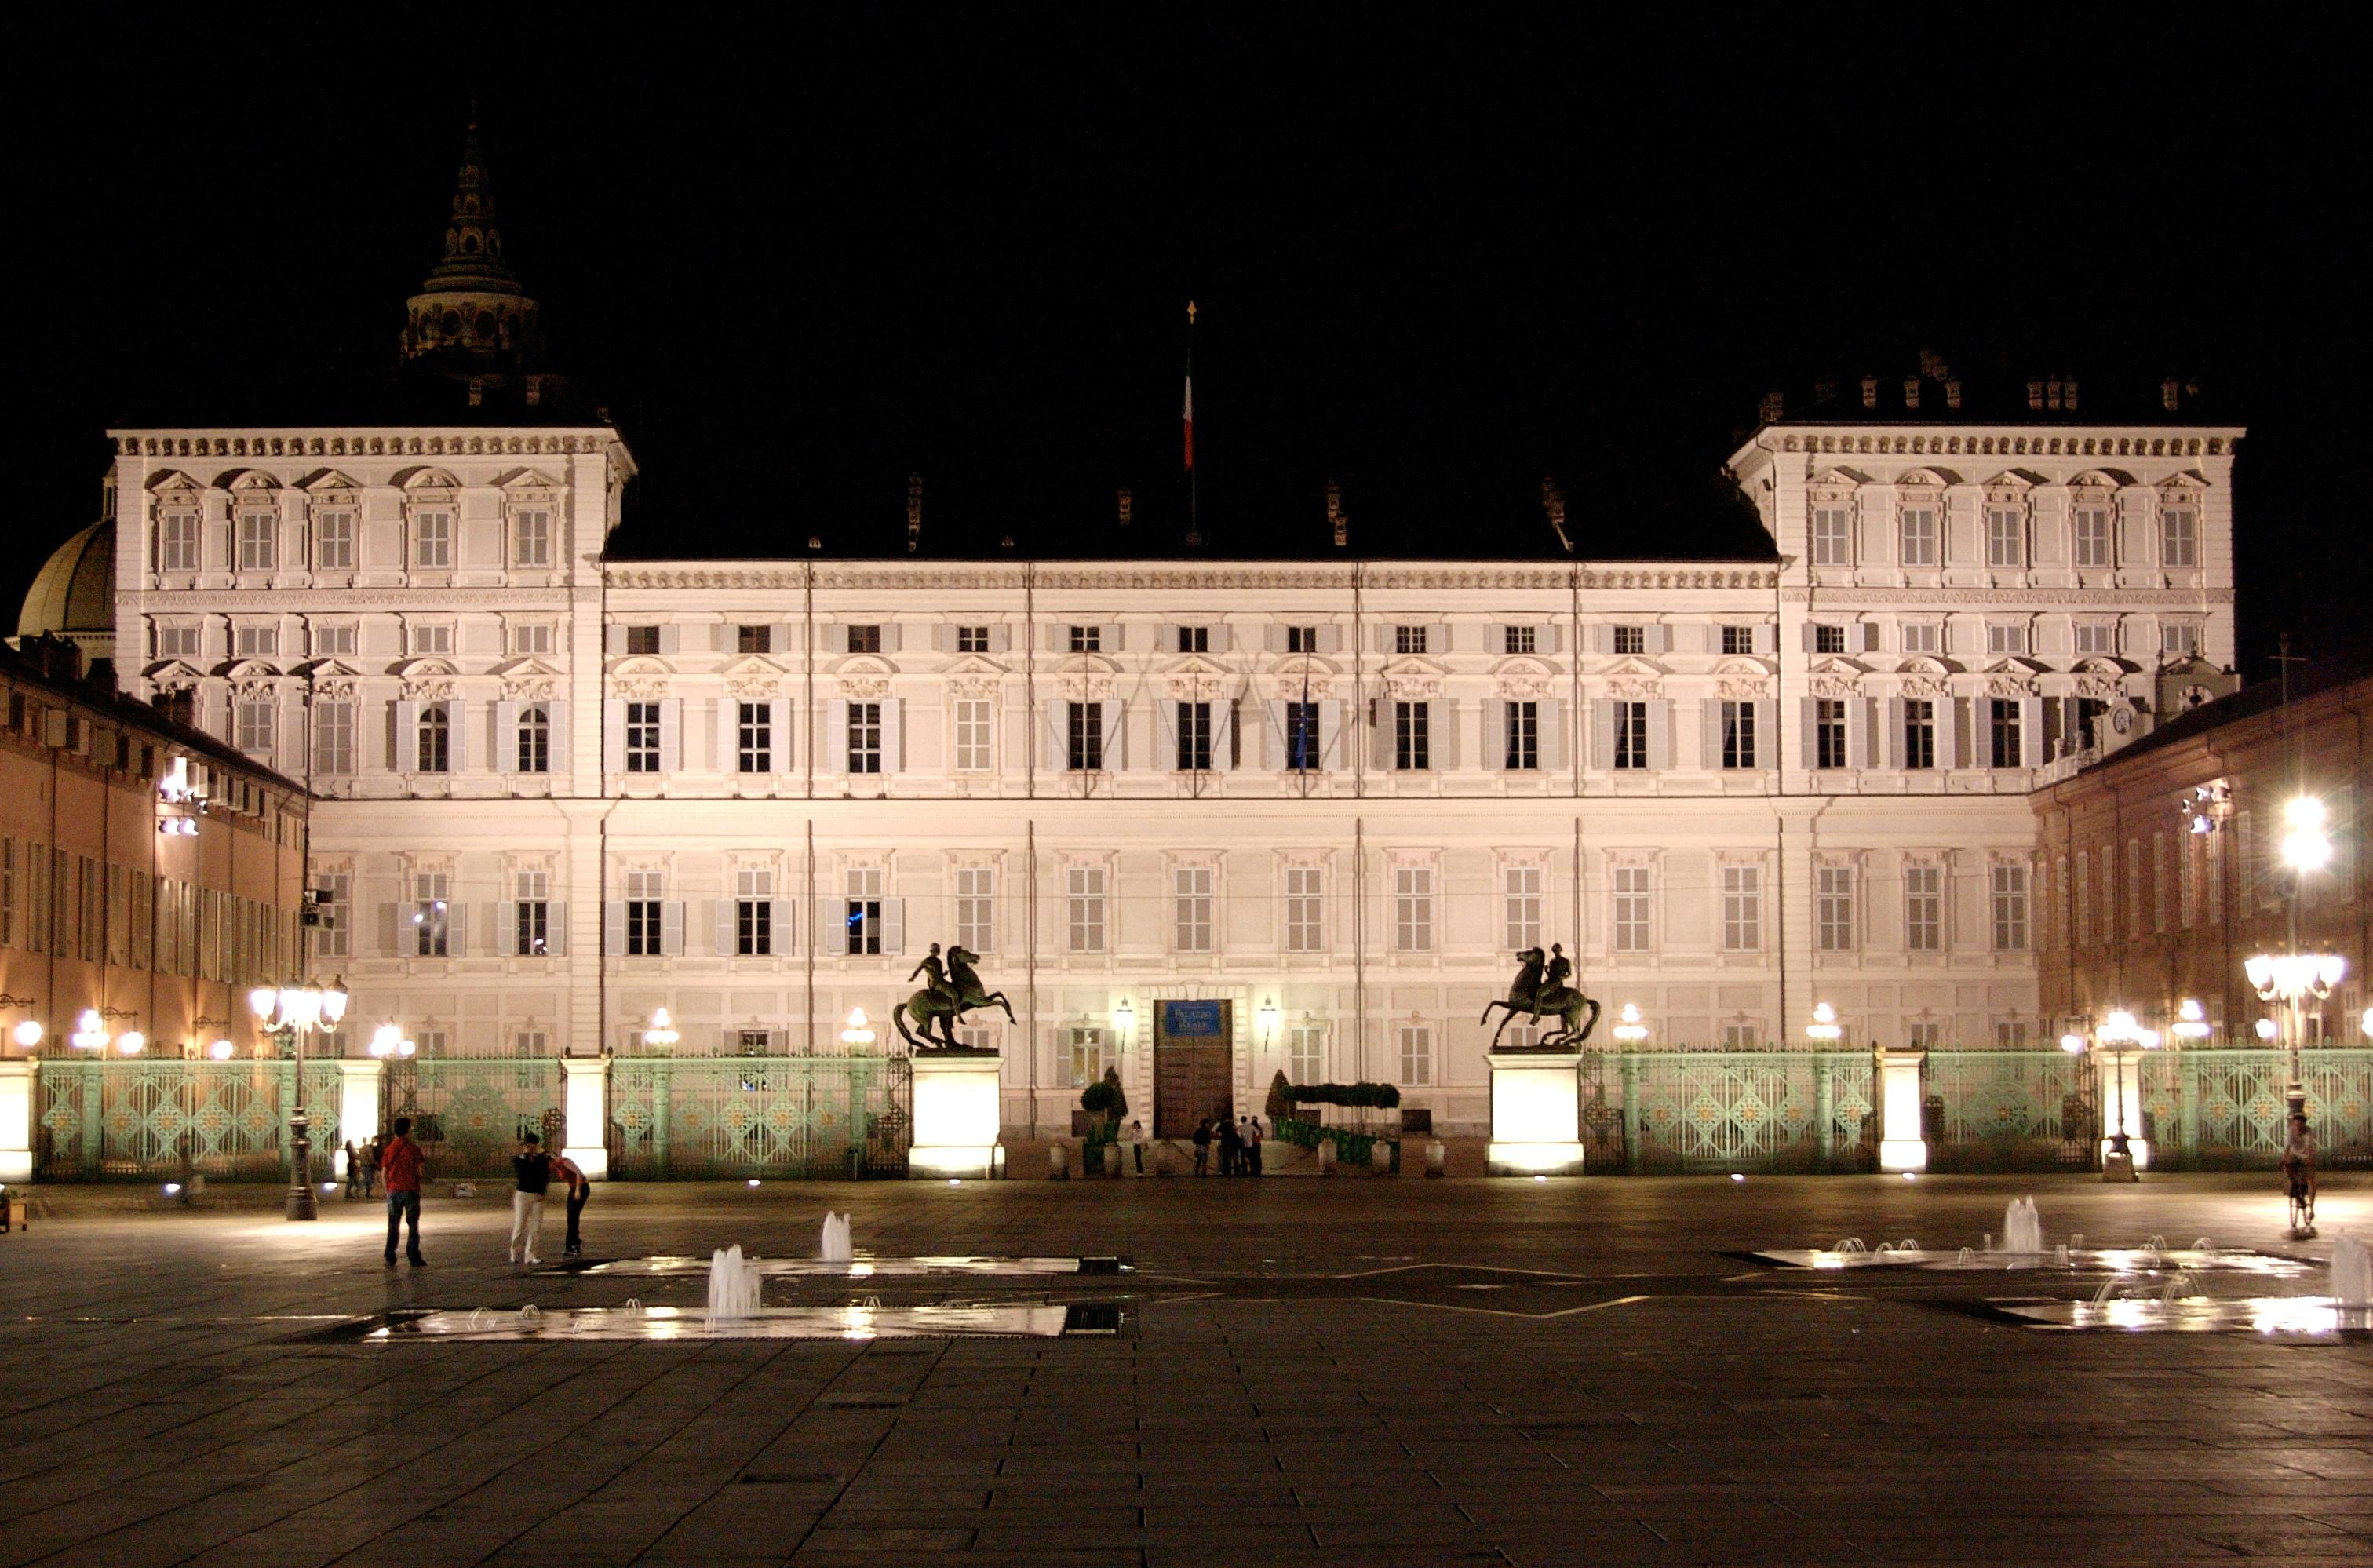 Королевский дворец турин фото